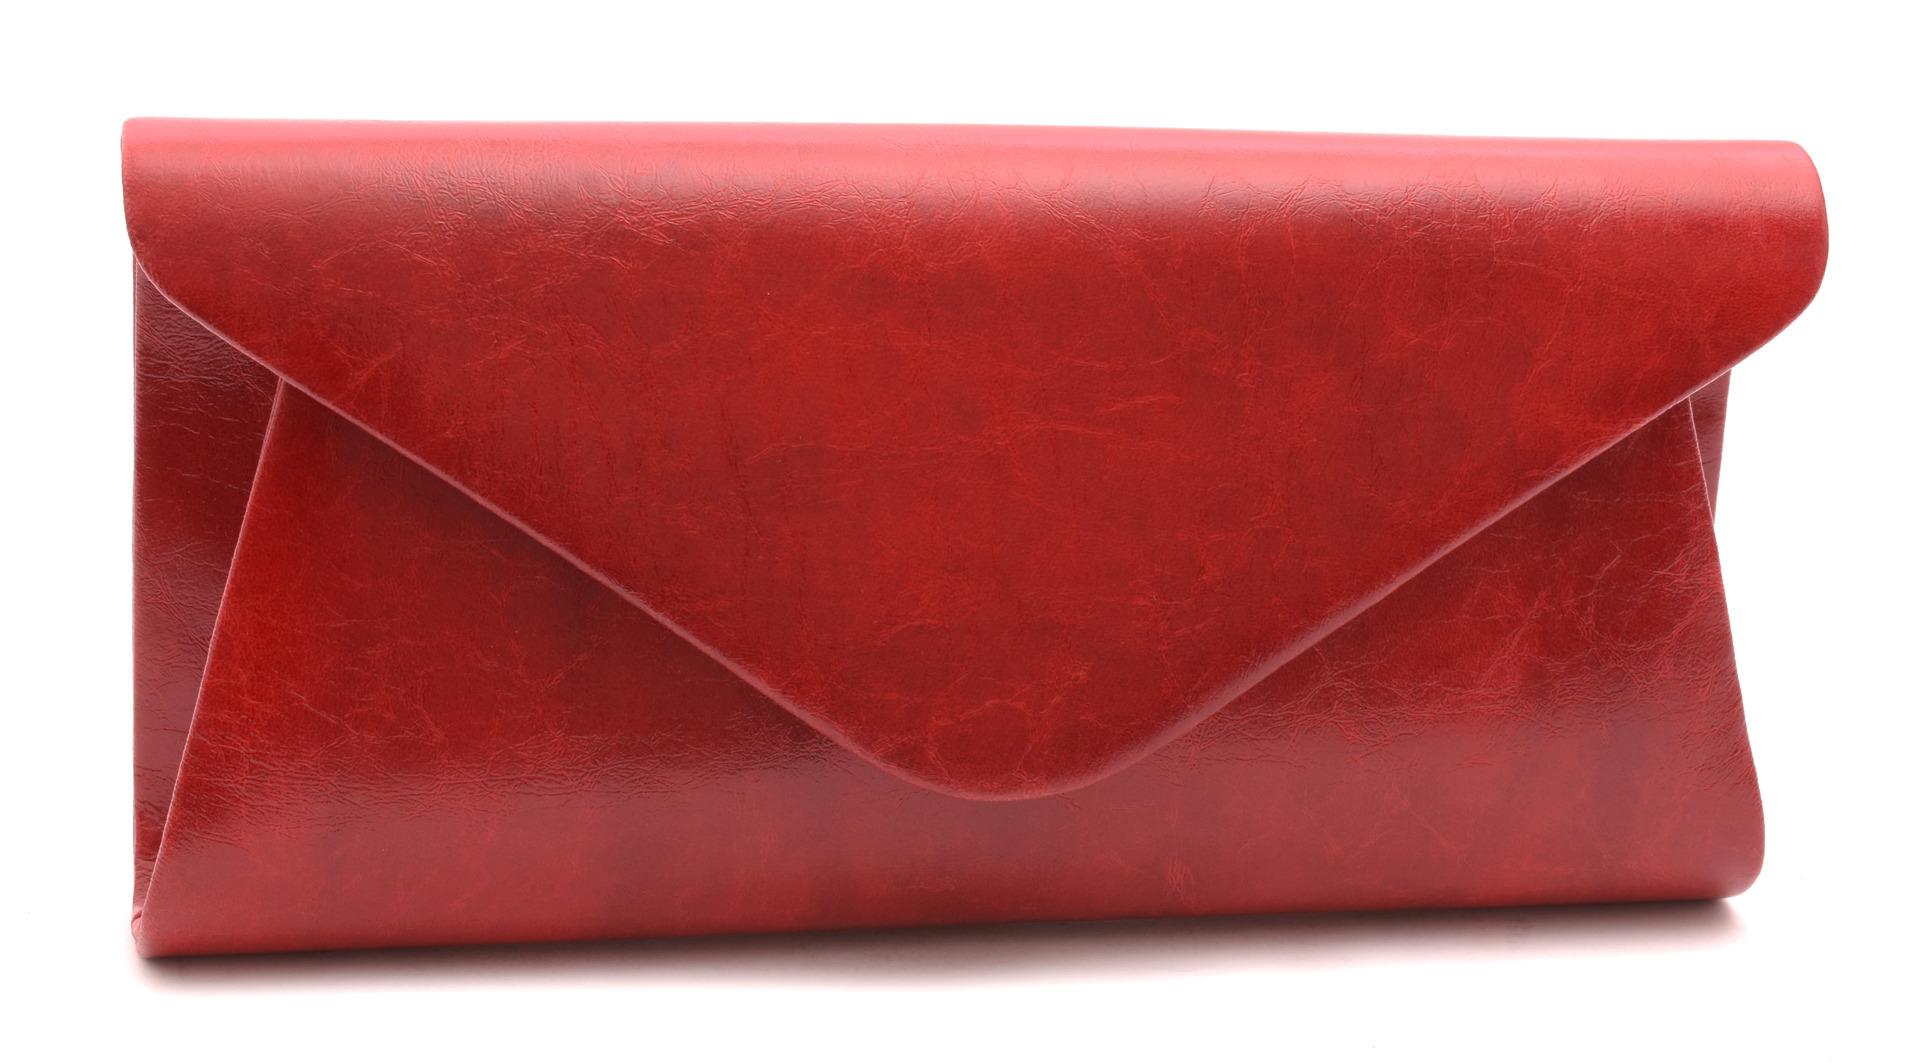 Mercucio - Velkoobchod kožené galanterie - Plesové kabelky - Dámská kabelka  červená 2292 56f9f51904c